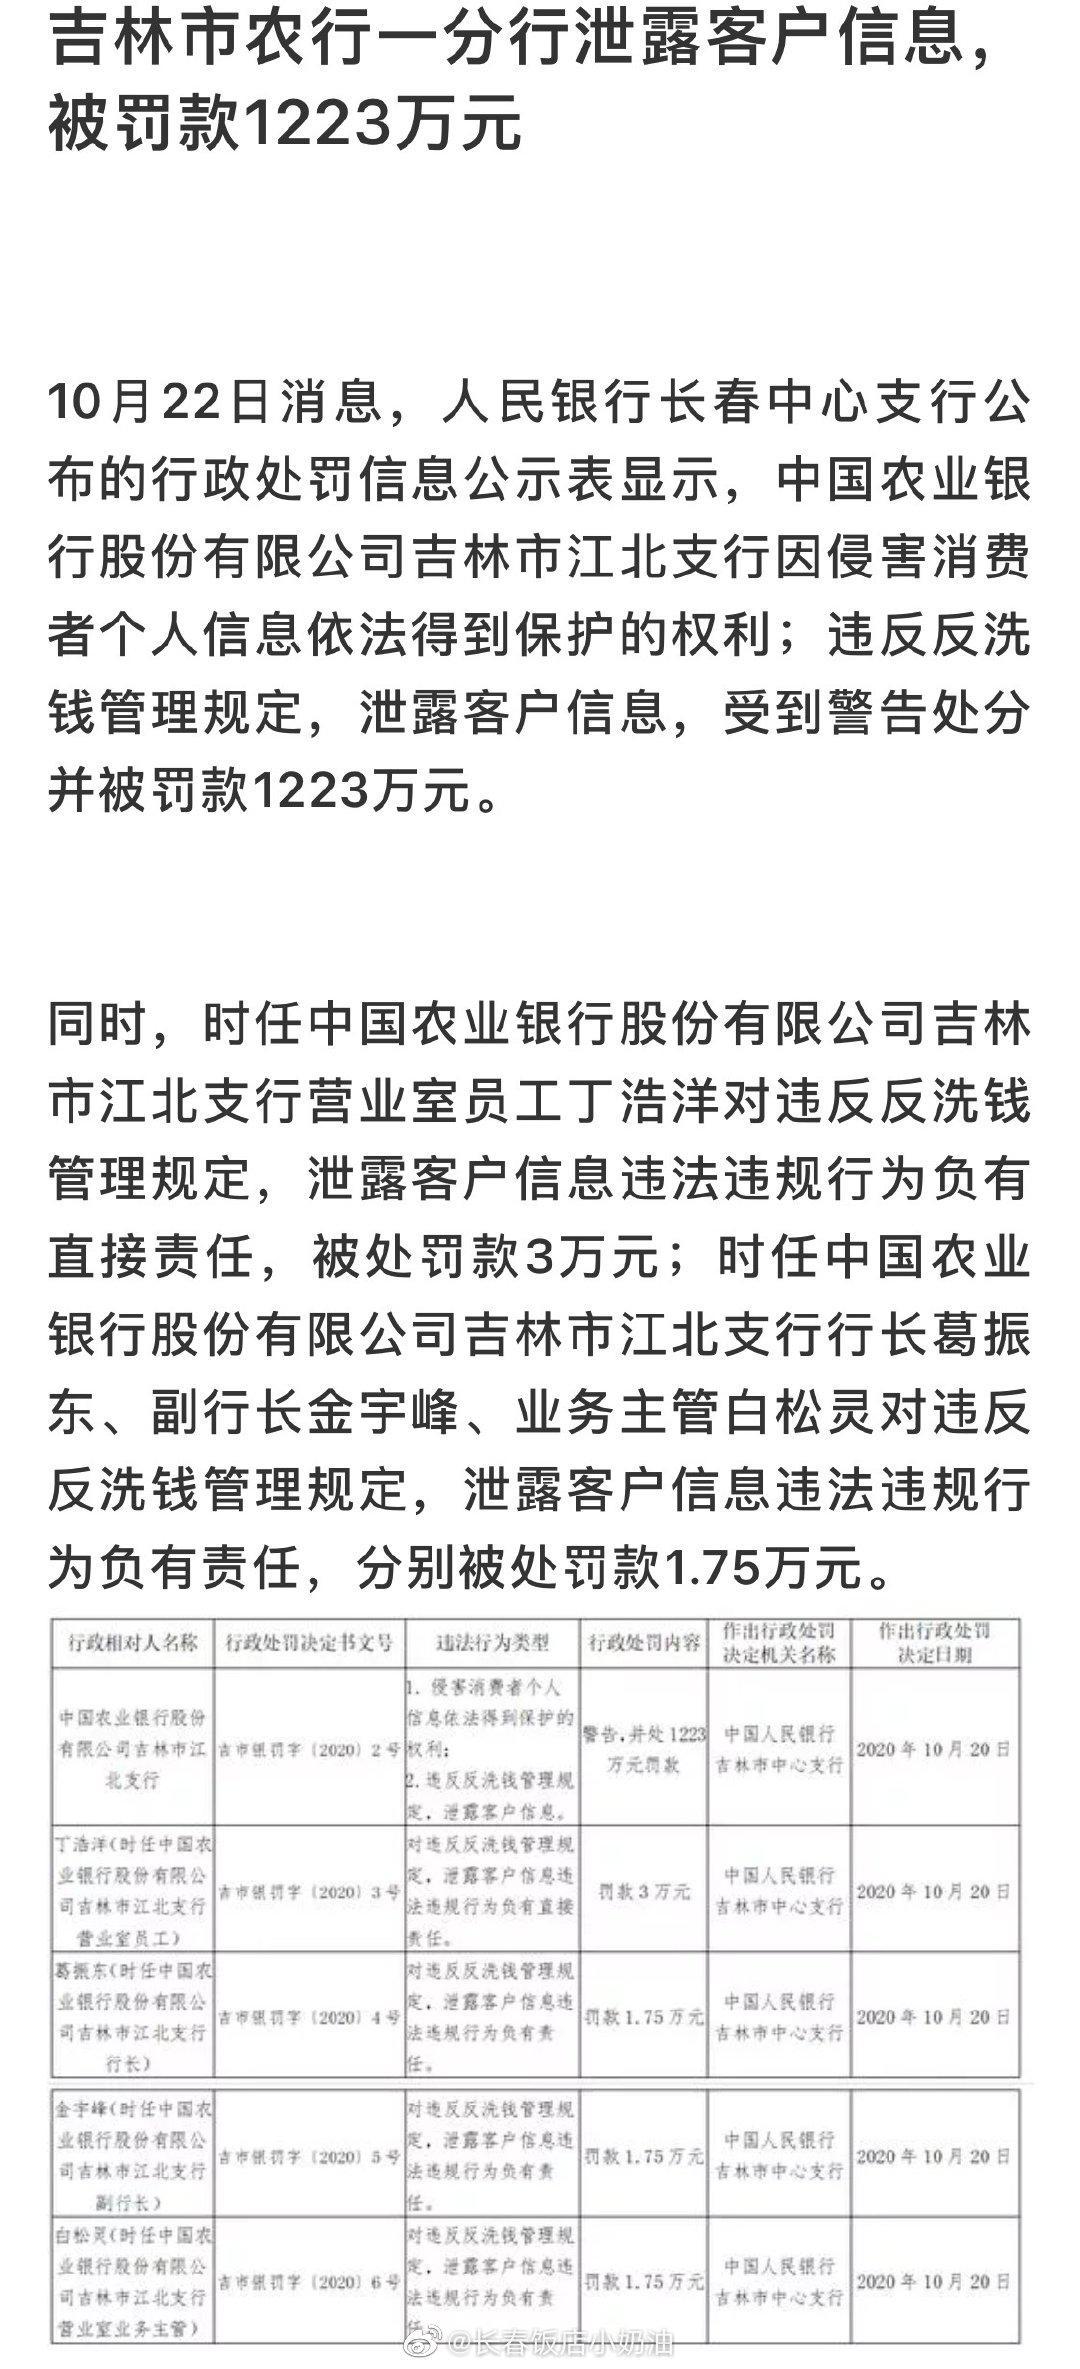 吉林市农行一分行泄露客户信息,被罚款1223万元。具体如下